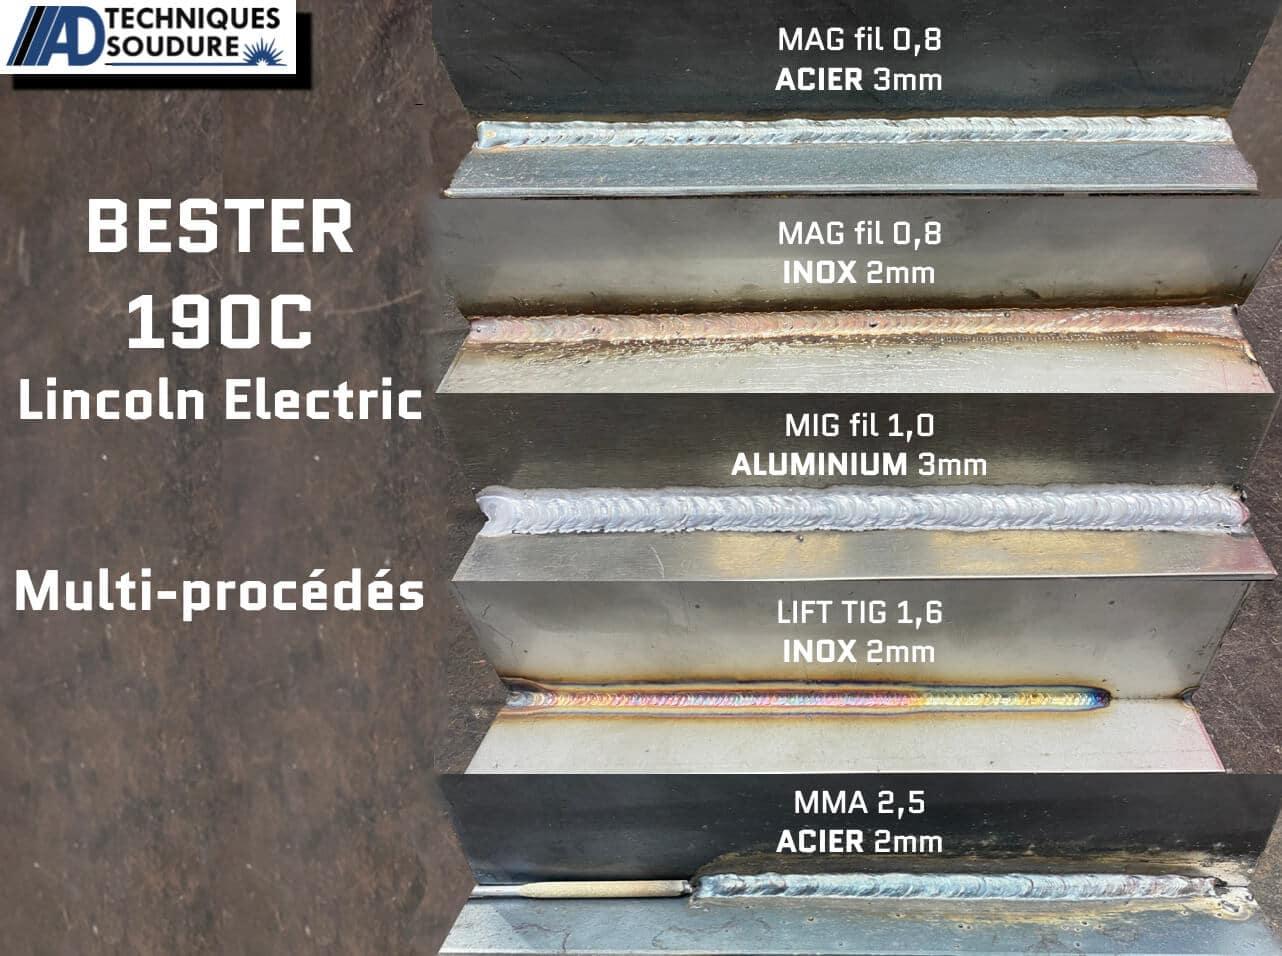 Soudure poste à souder multi procédés BESTER 190C MULTI Lincoln Electric